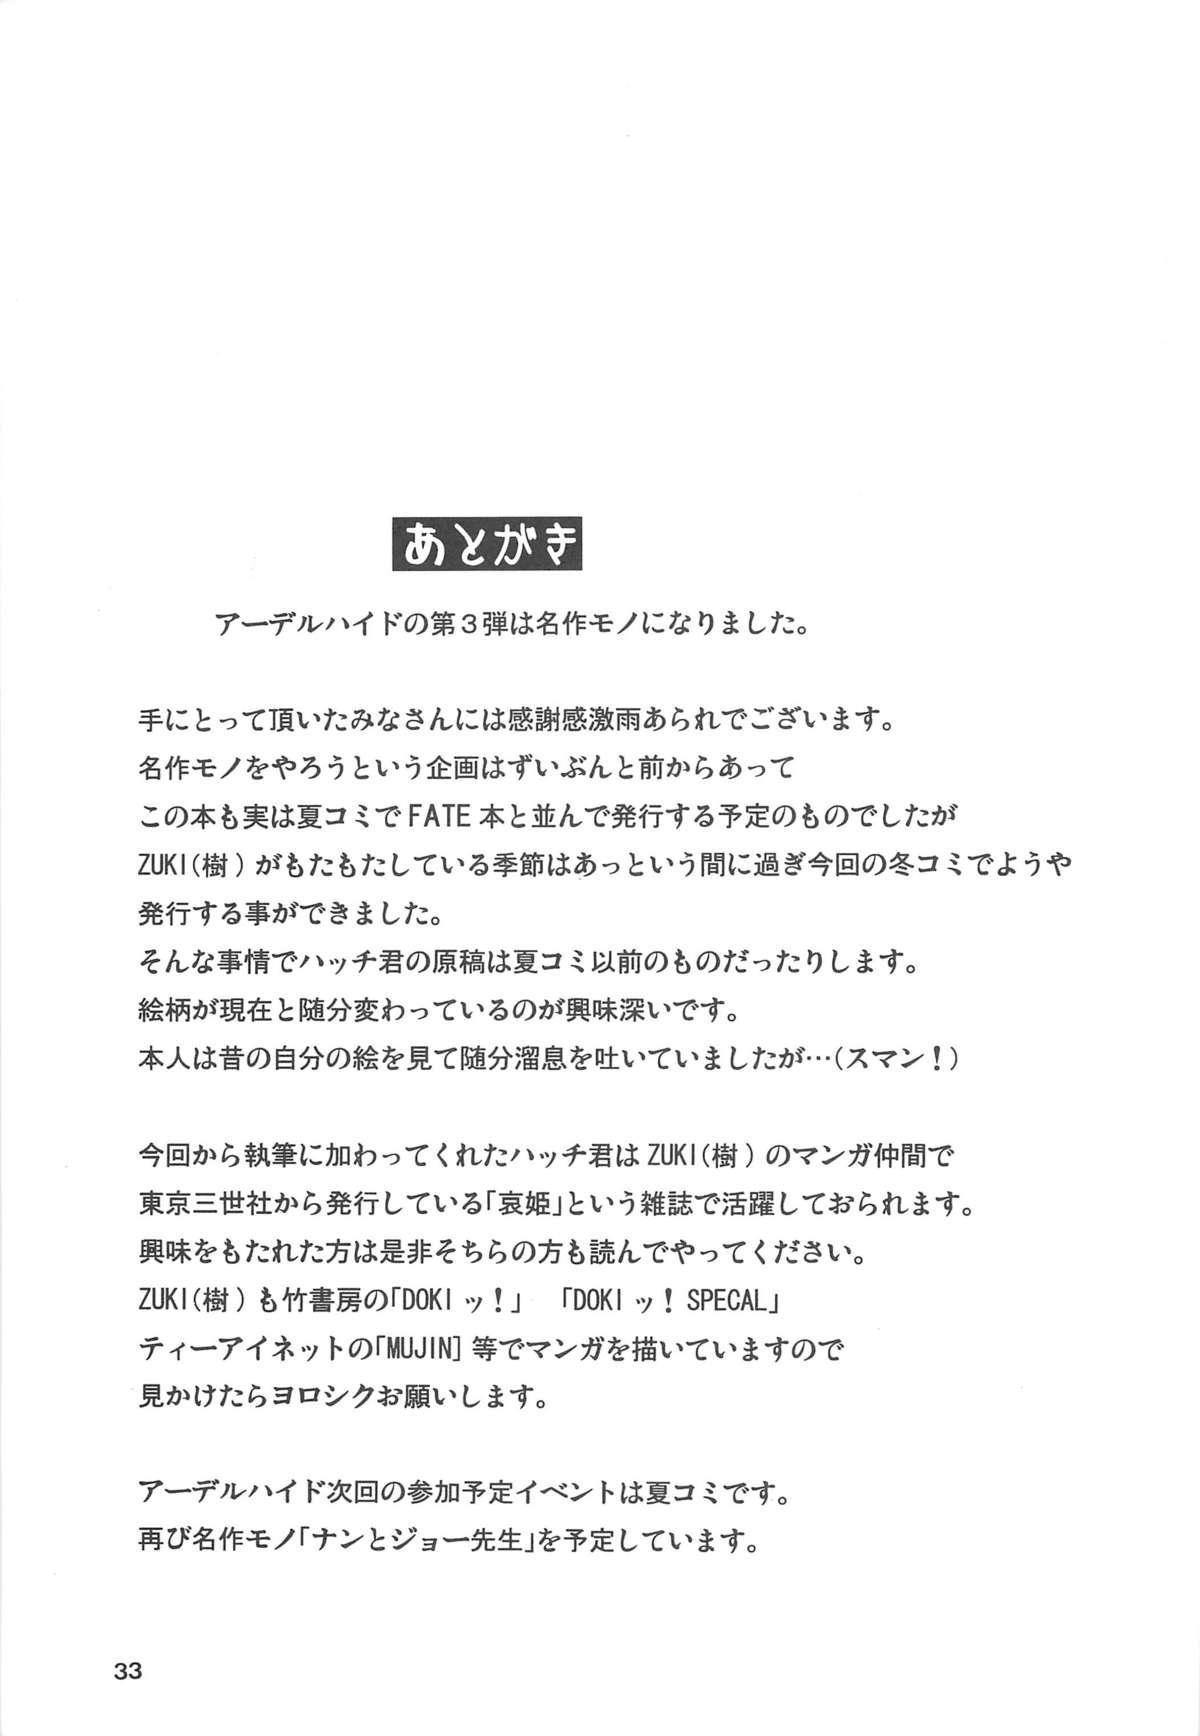 Hatch & Zukki no Sekai Meisaku Gekijou 32